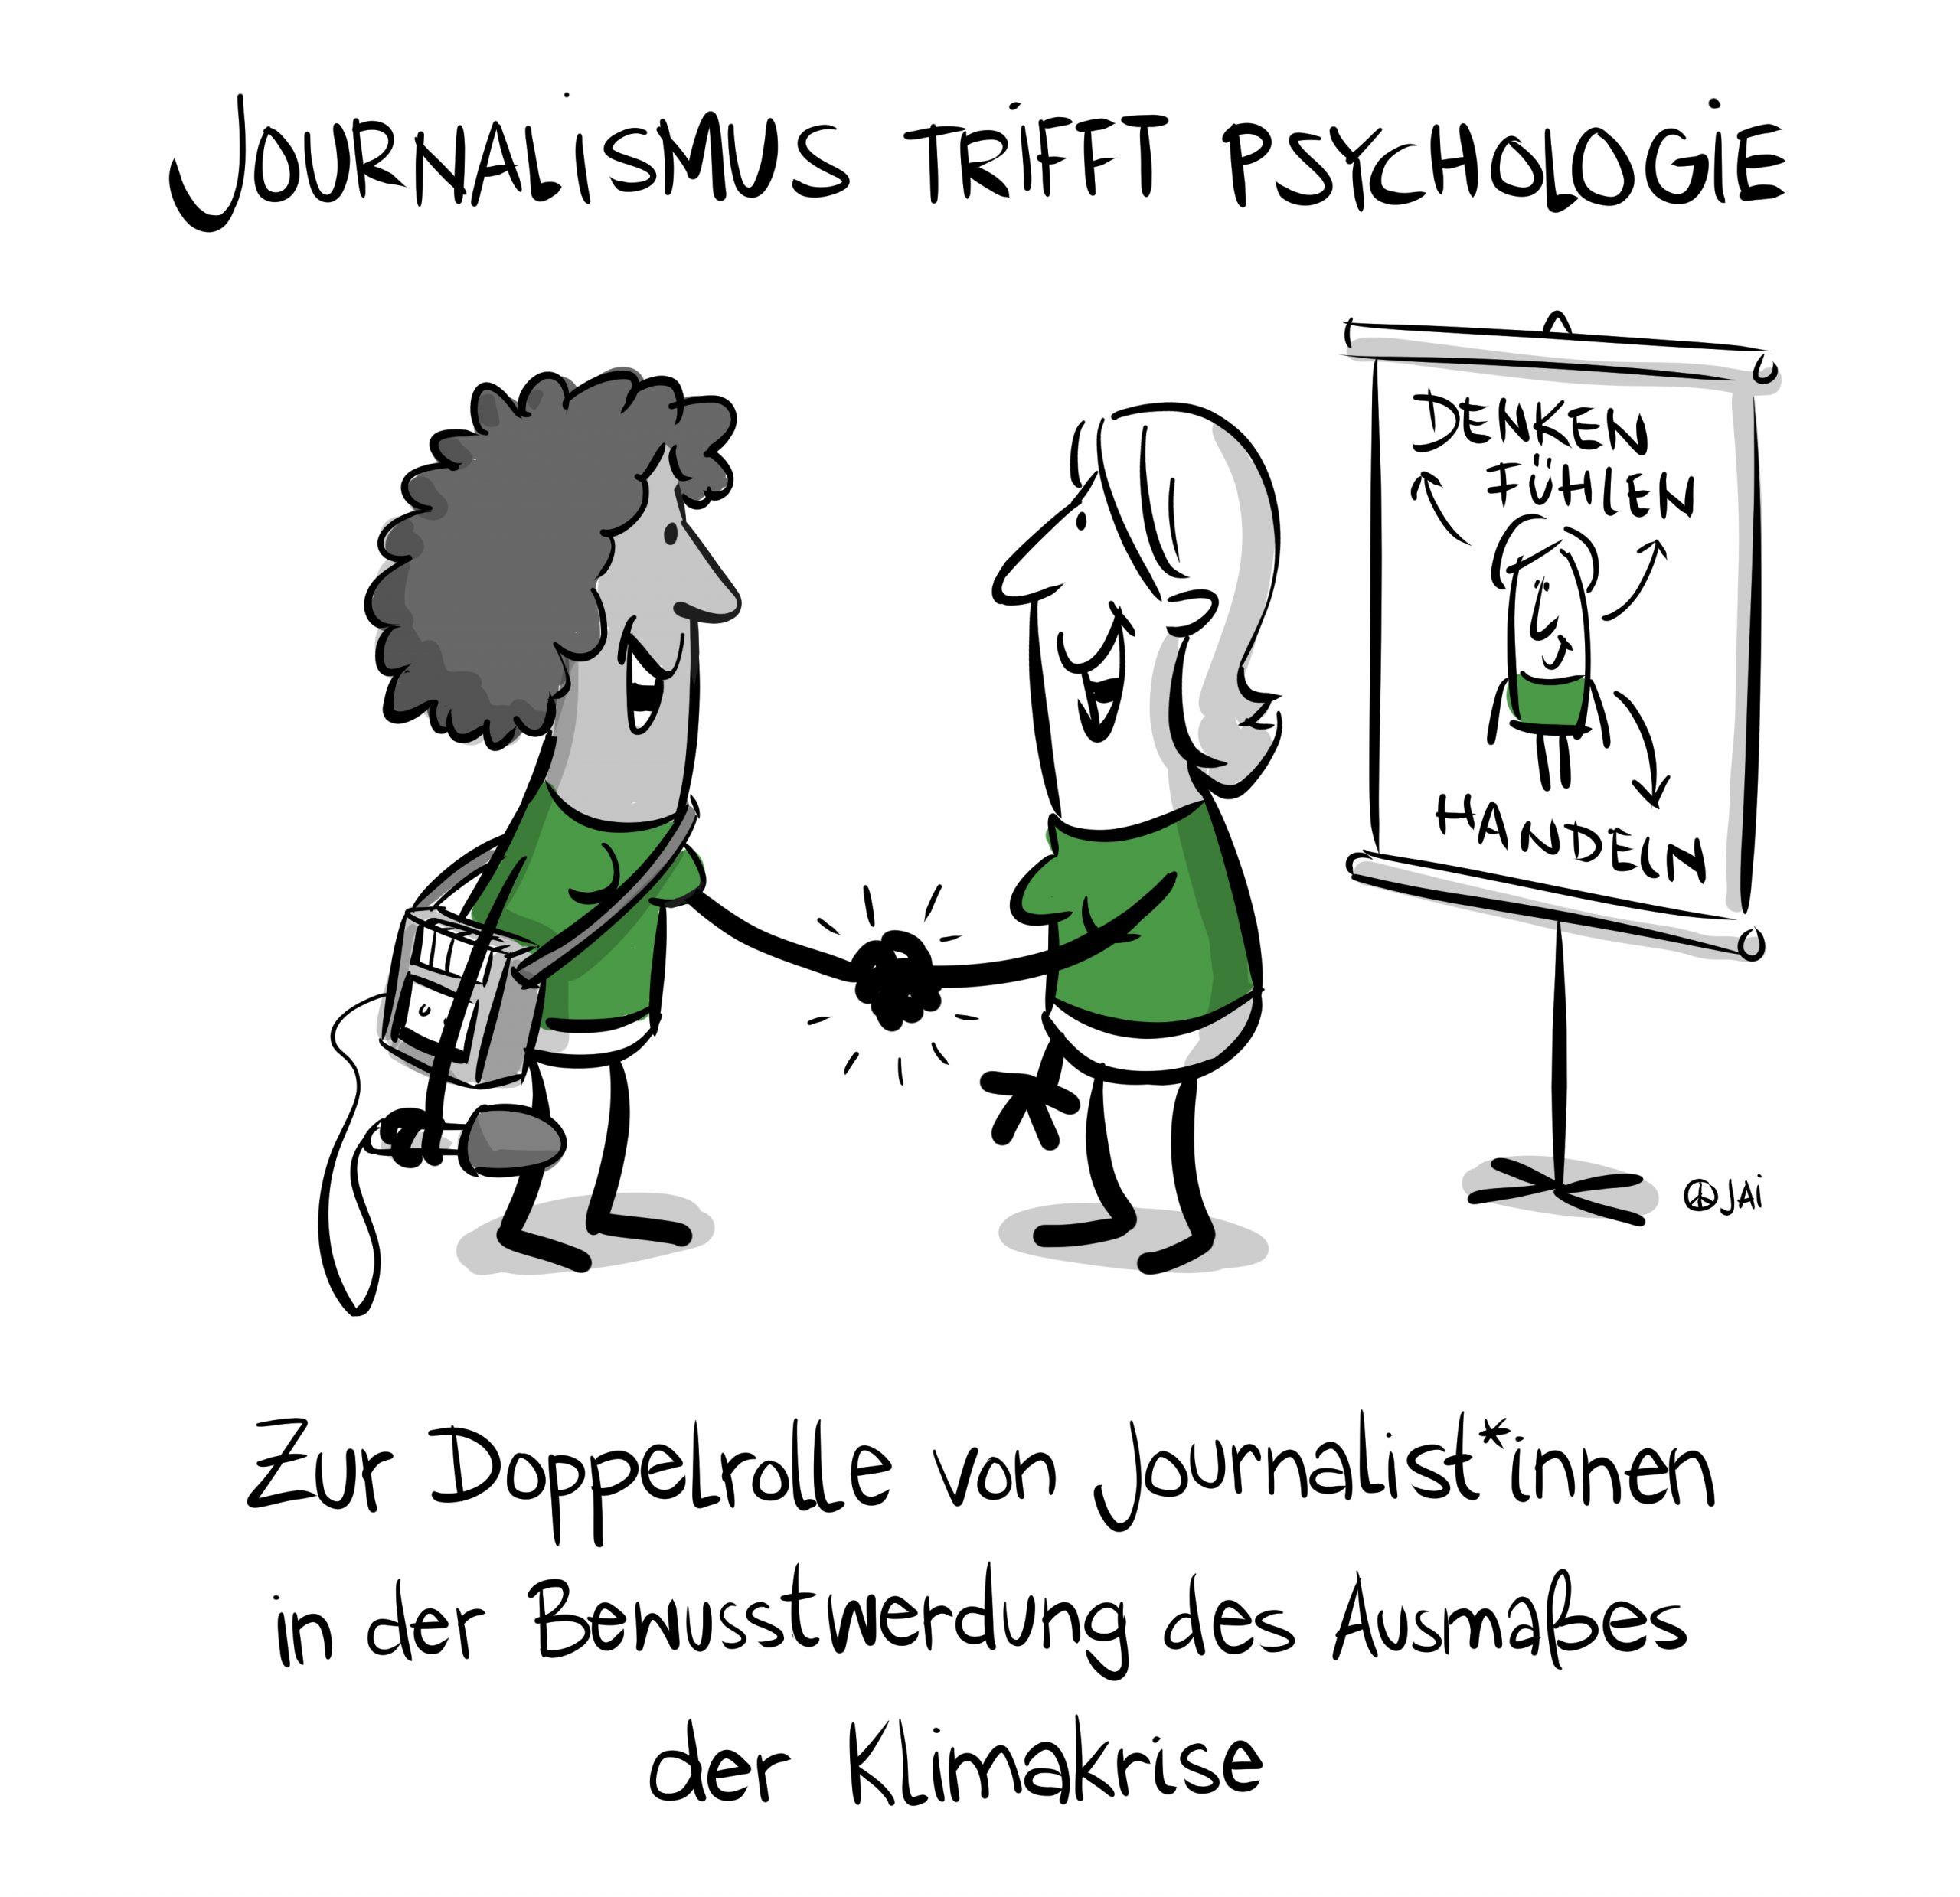 7_Journalismus trifft Psychologie_2